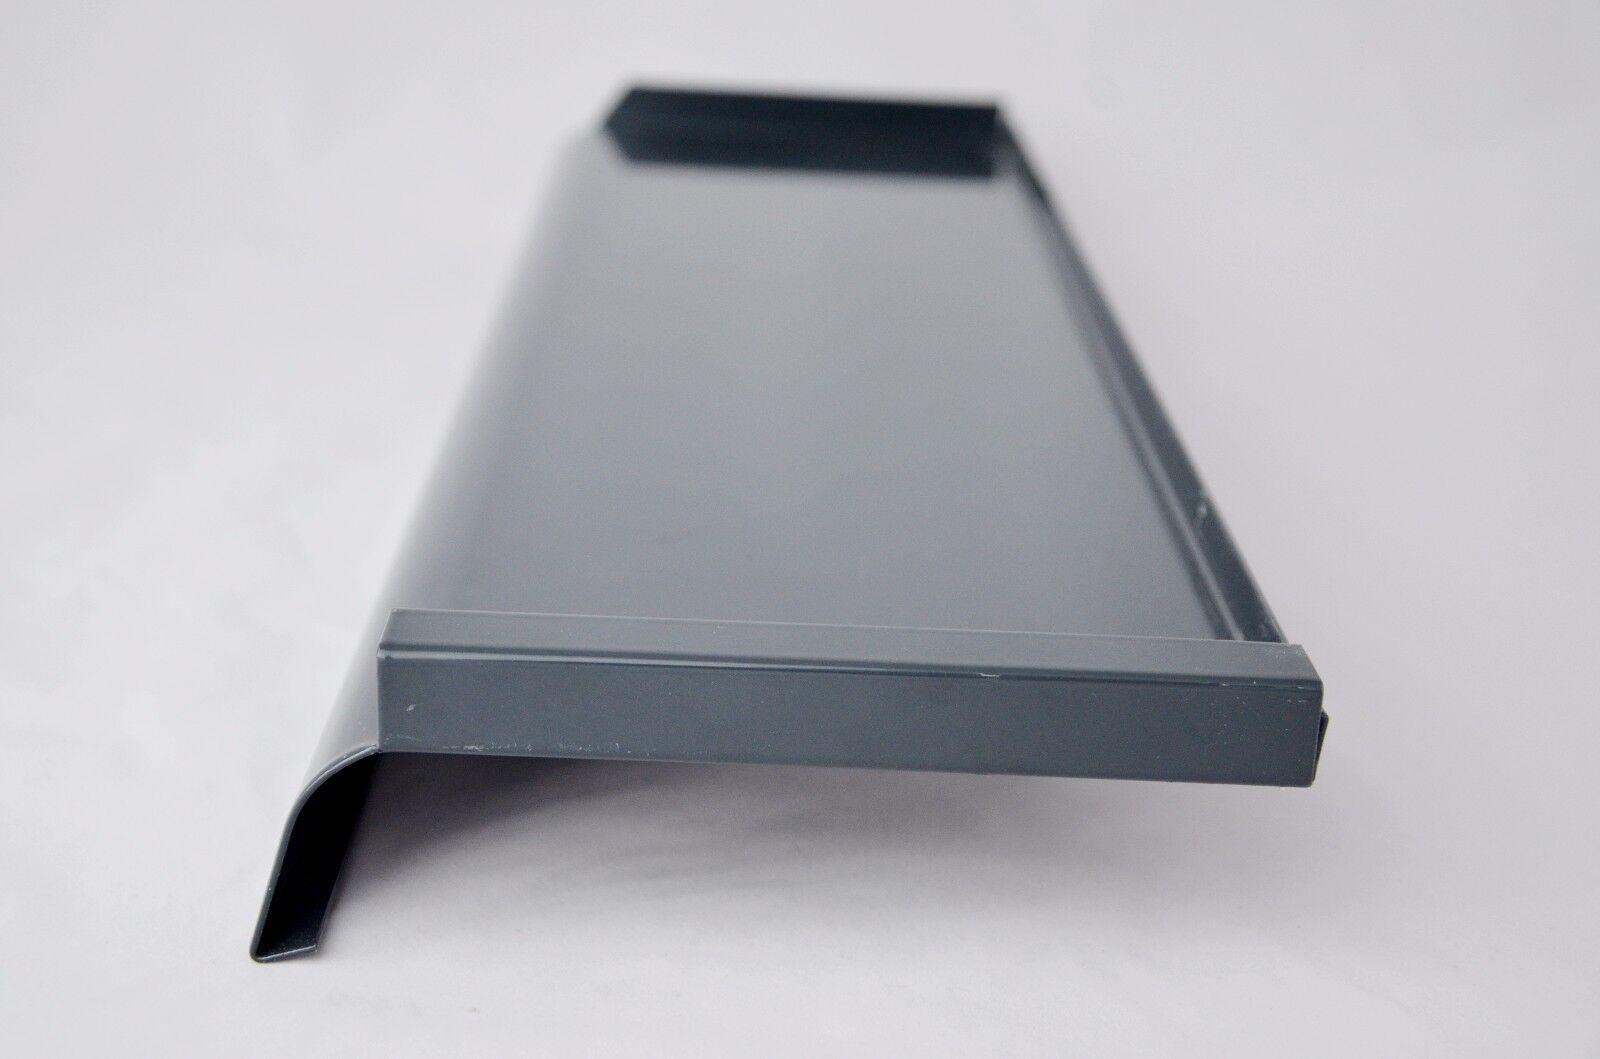 aluminium appui de fen tre t le fenstersims ext rieur bord gris anthracite ebay. Black Bedroom Furniture Sets. Home Design Ideas